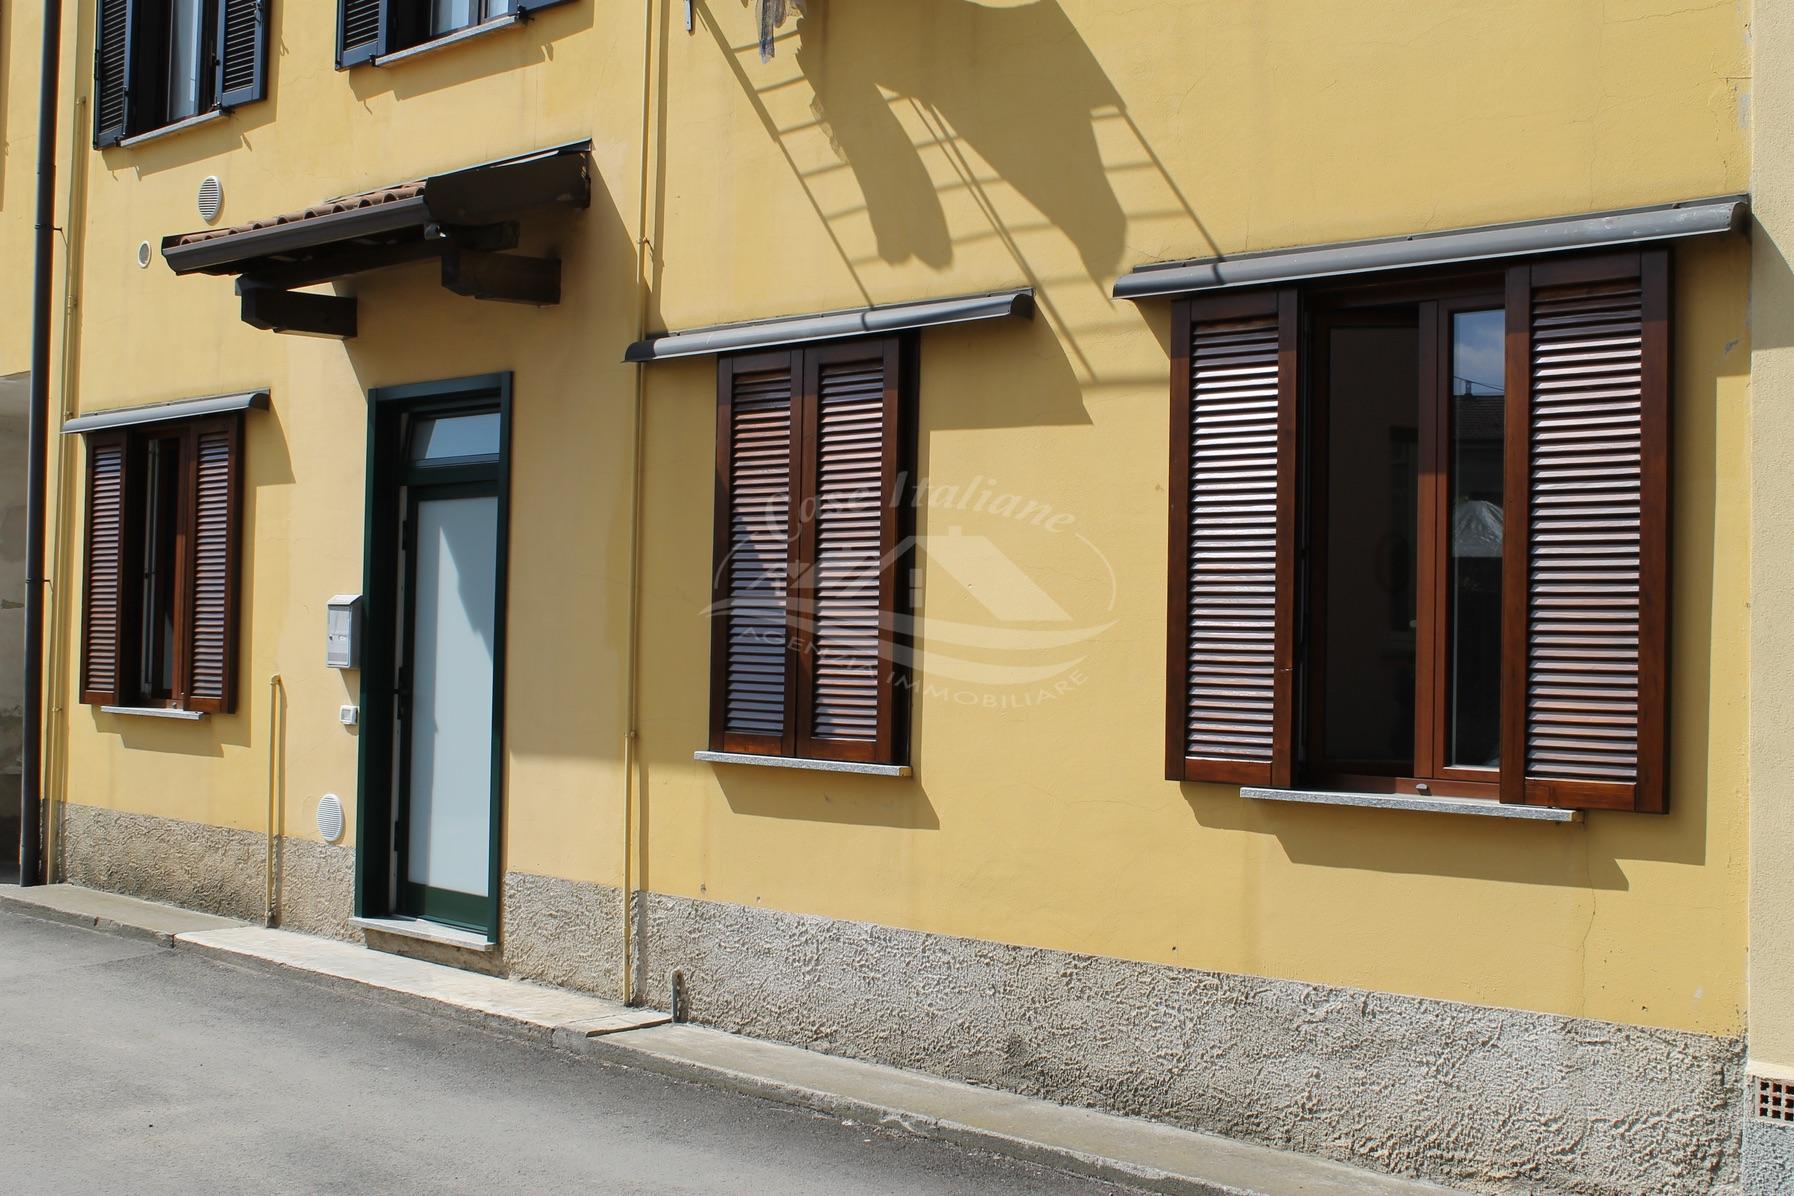 2 case italiane agenzia immobiliare cant for Case italiane immobiliare